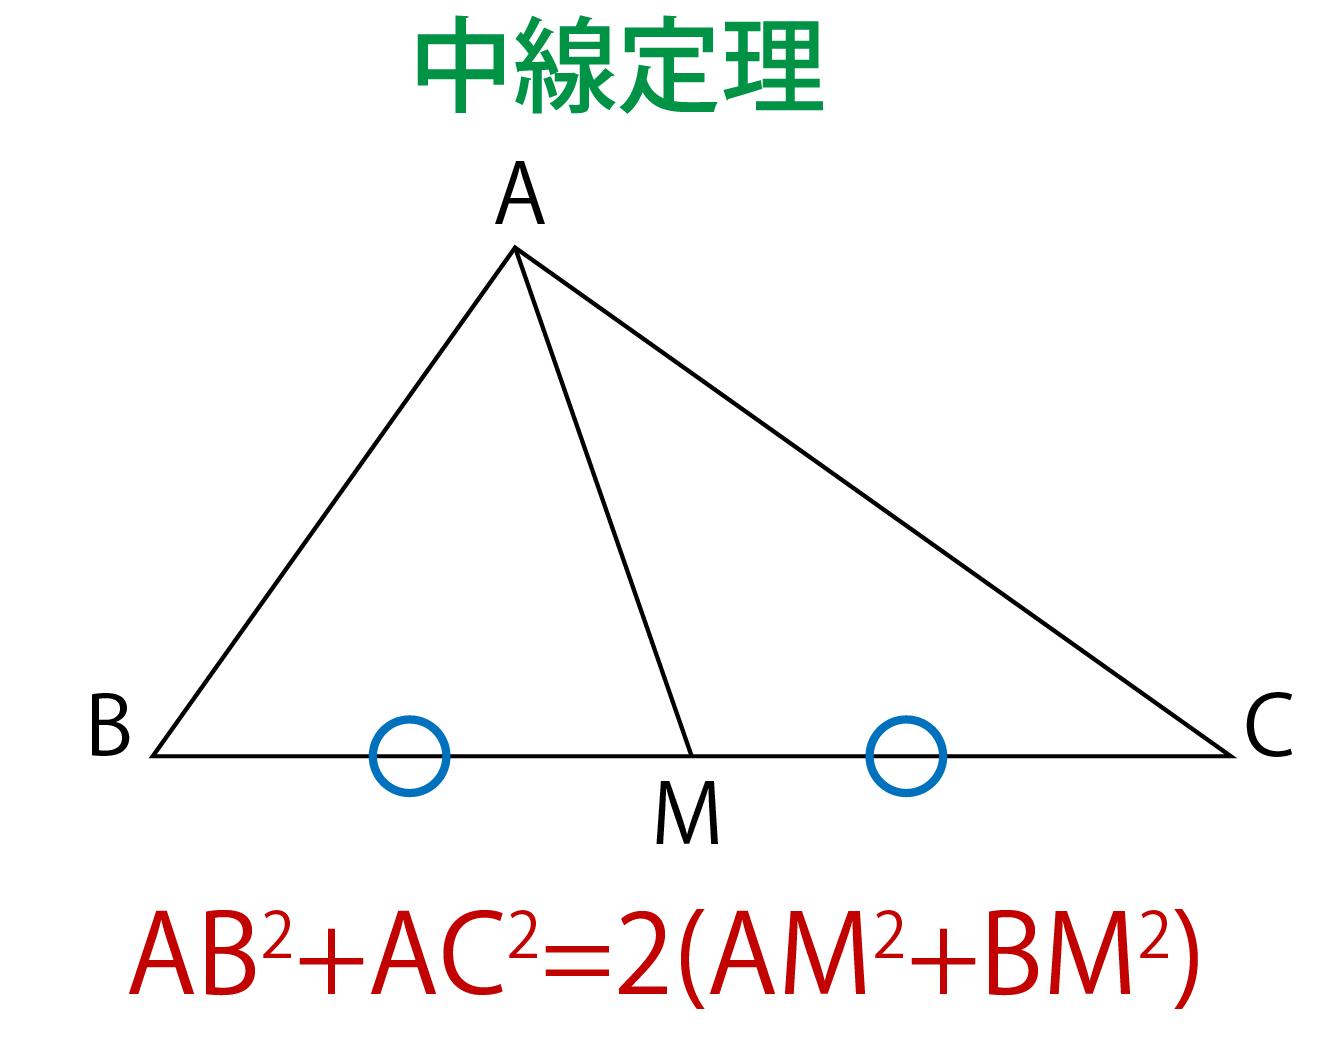 中線定理とは何かの解説画像